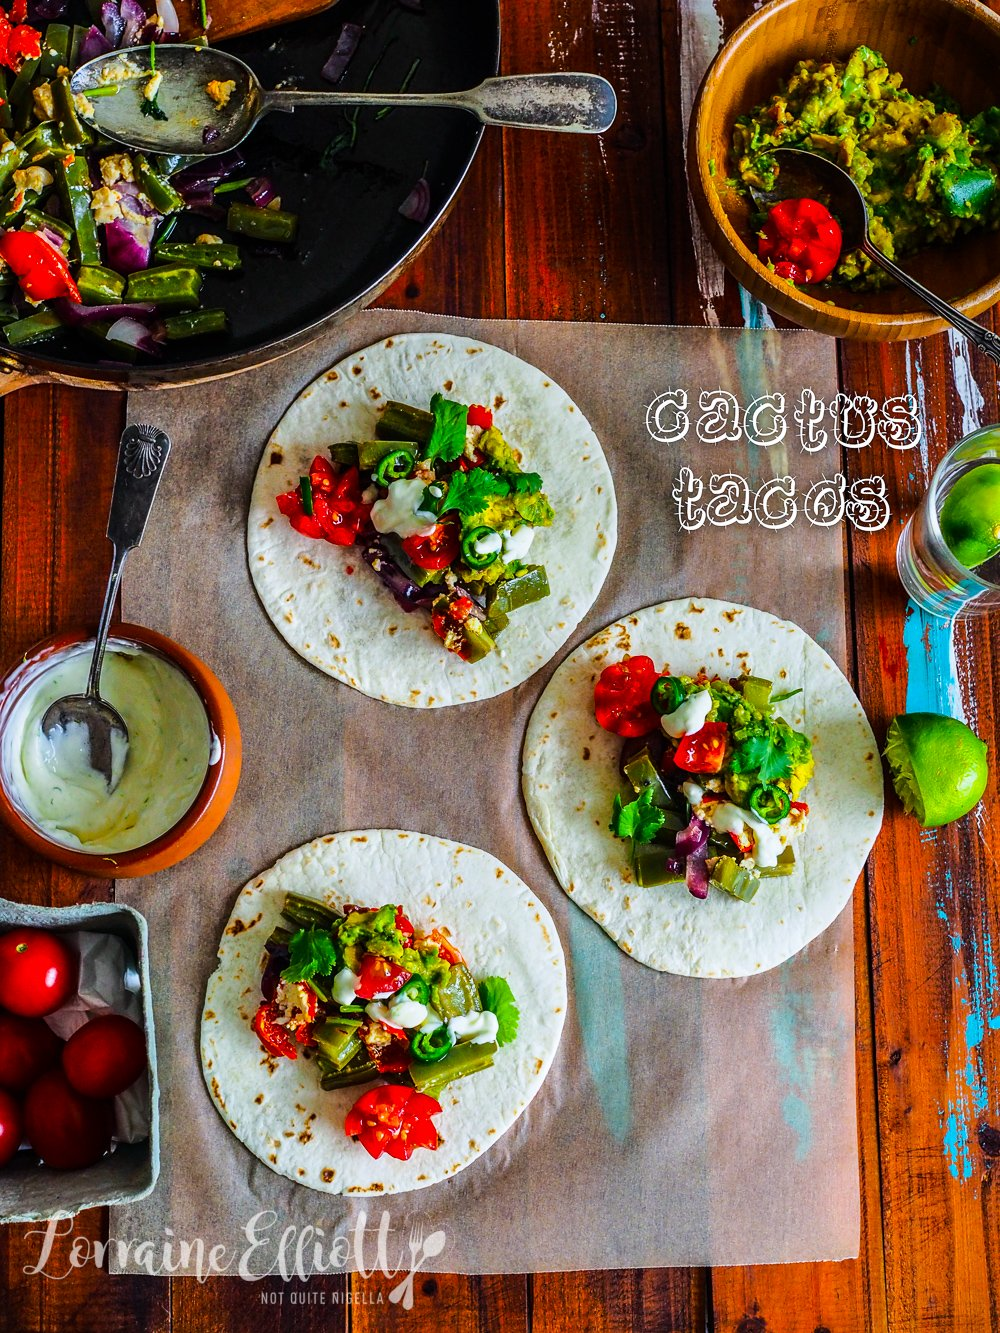 Cactus Nopales Tacos